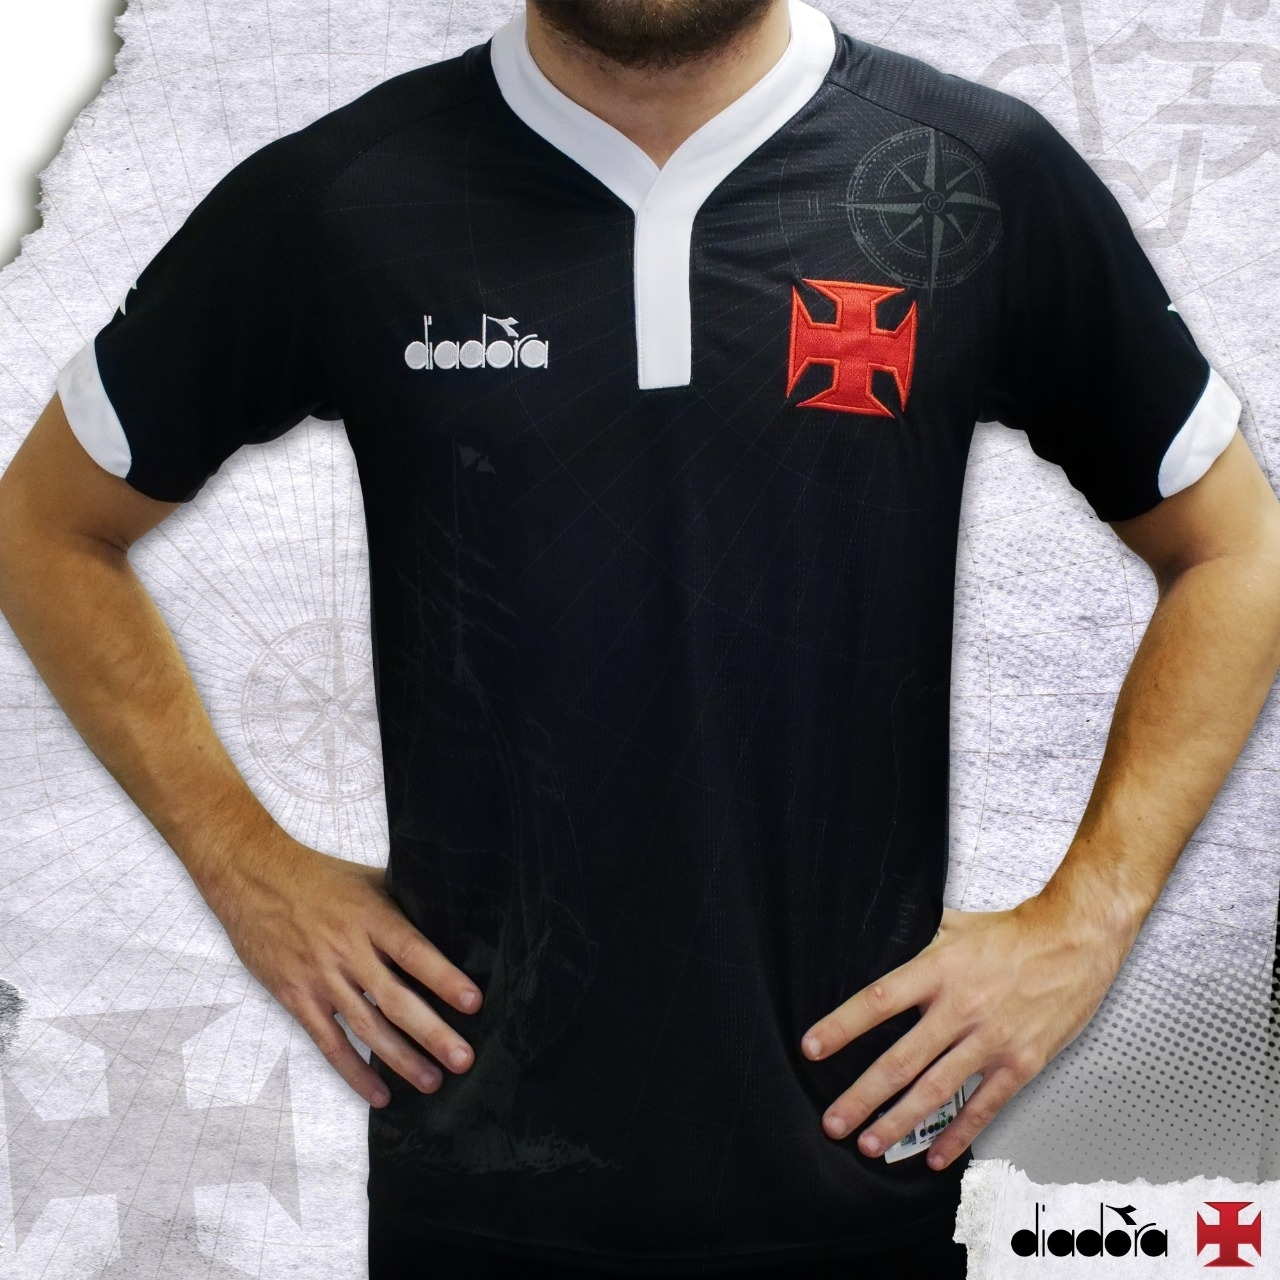 639c2861800ef Vasco capricha em nova camisa 3 inteira preta